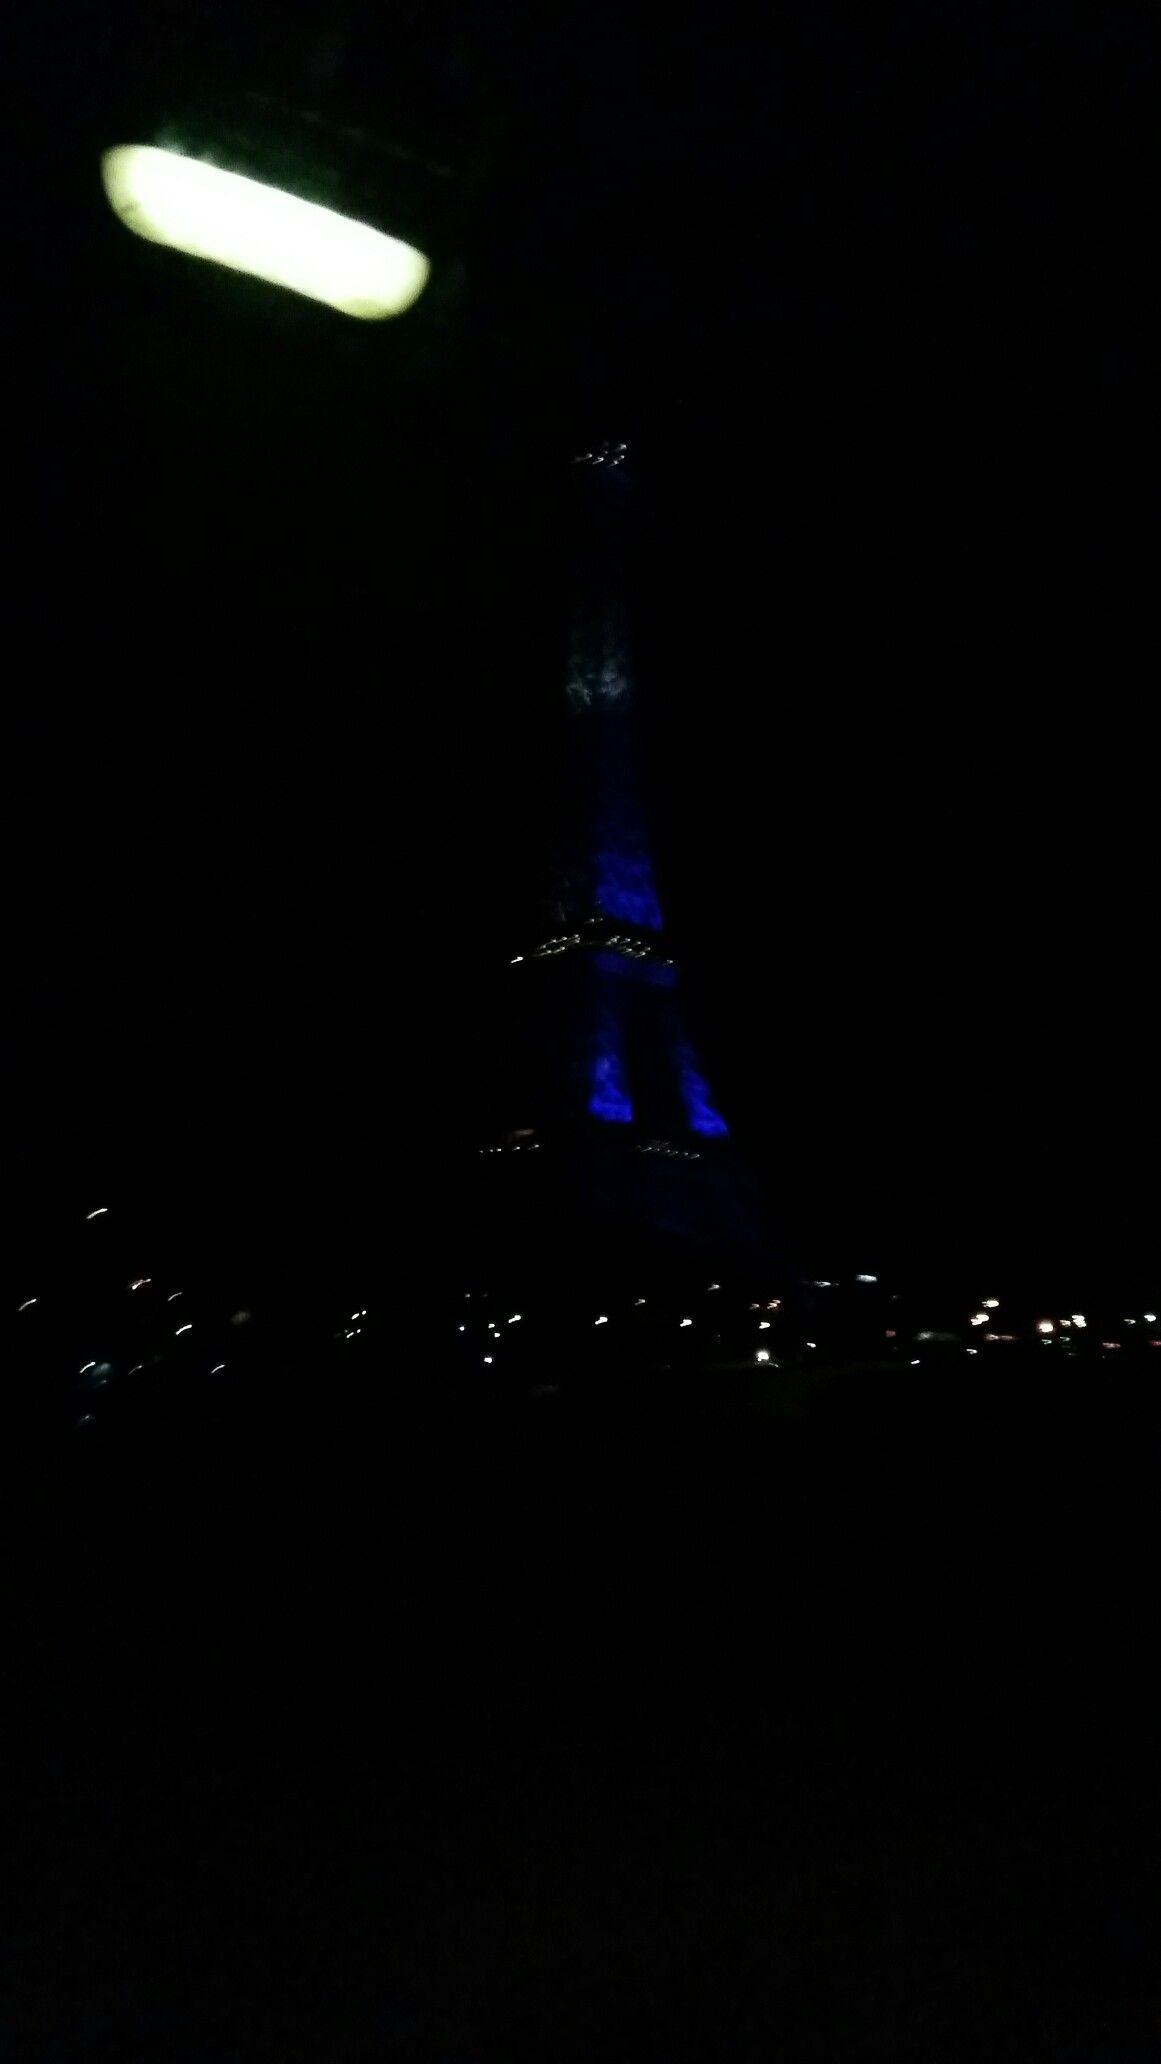 Menara Eifel Di Malam Hari Warna Bendera Prancis Bertepatan Dgn Piala Eropah Prancis Bendera Menara